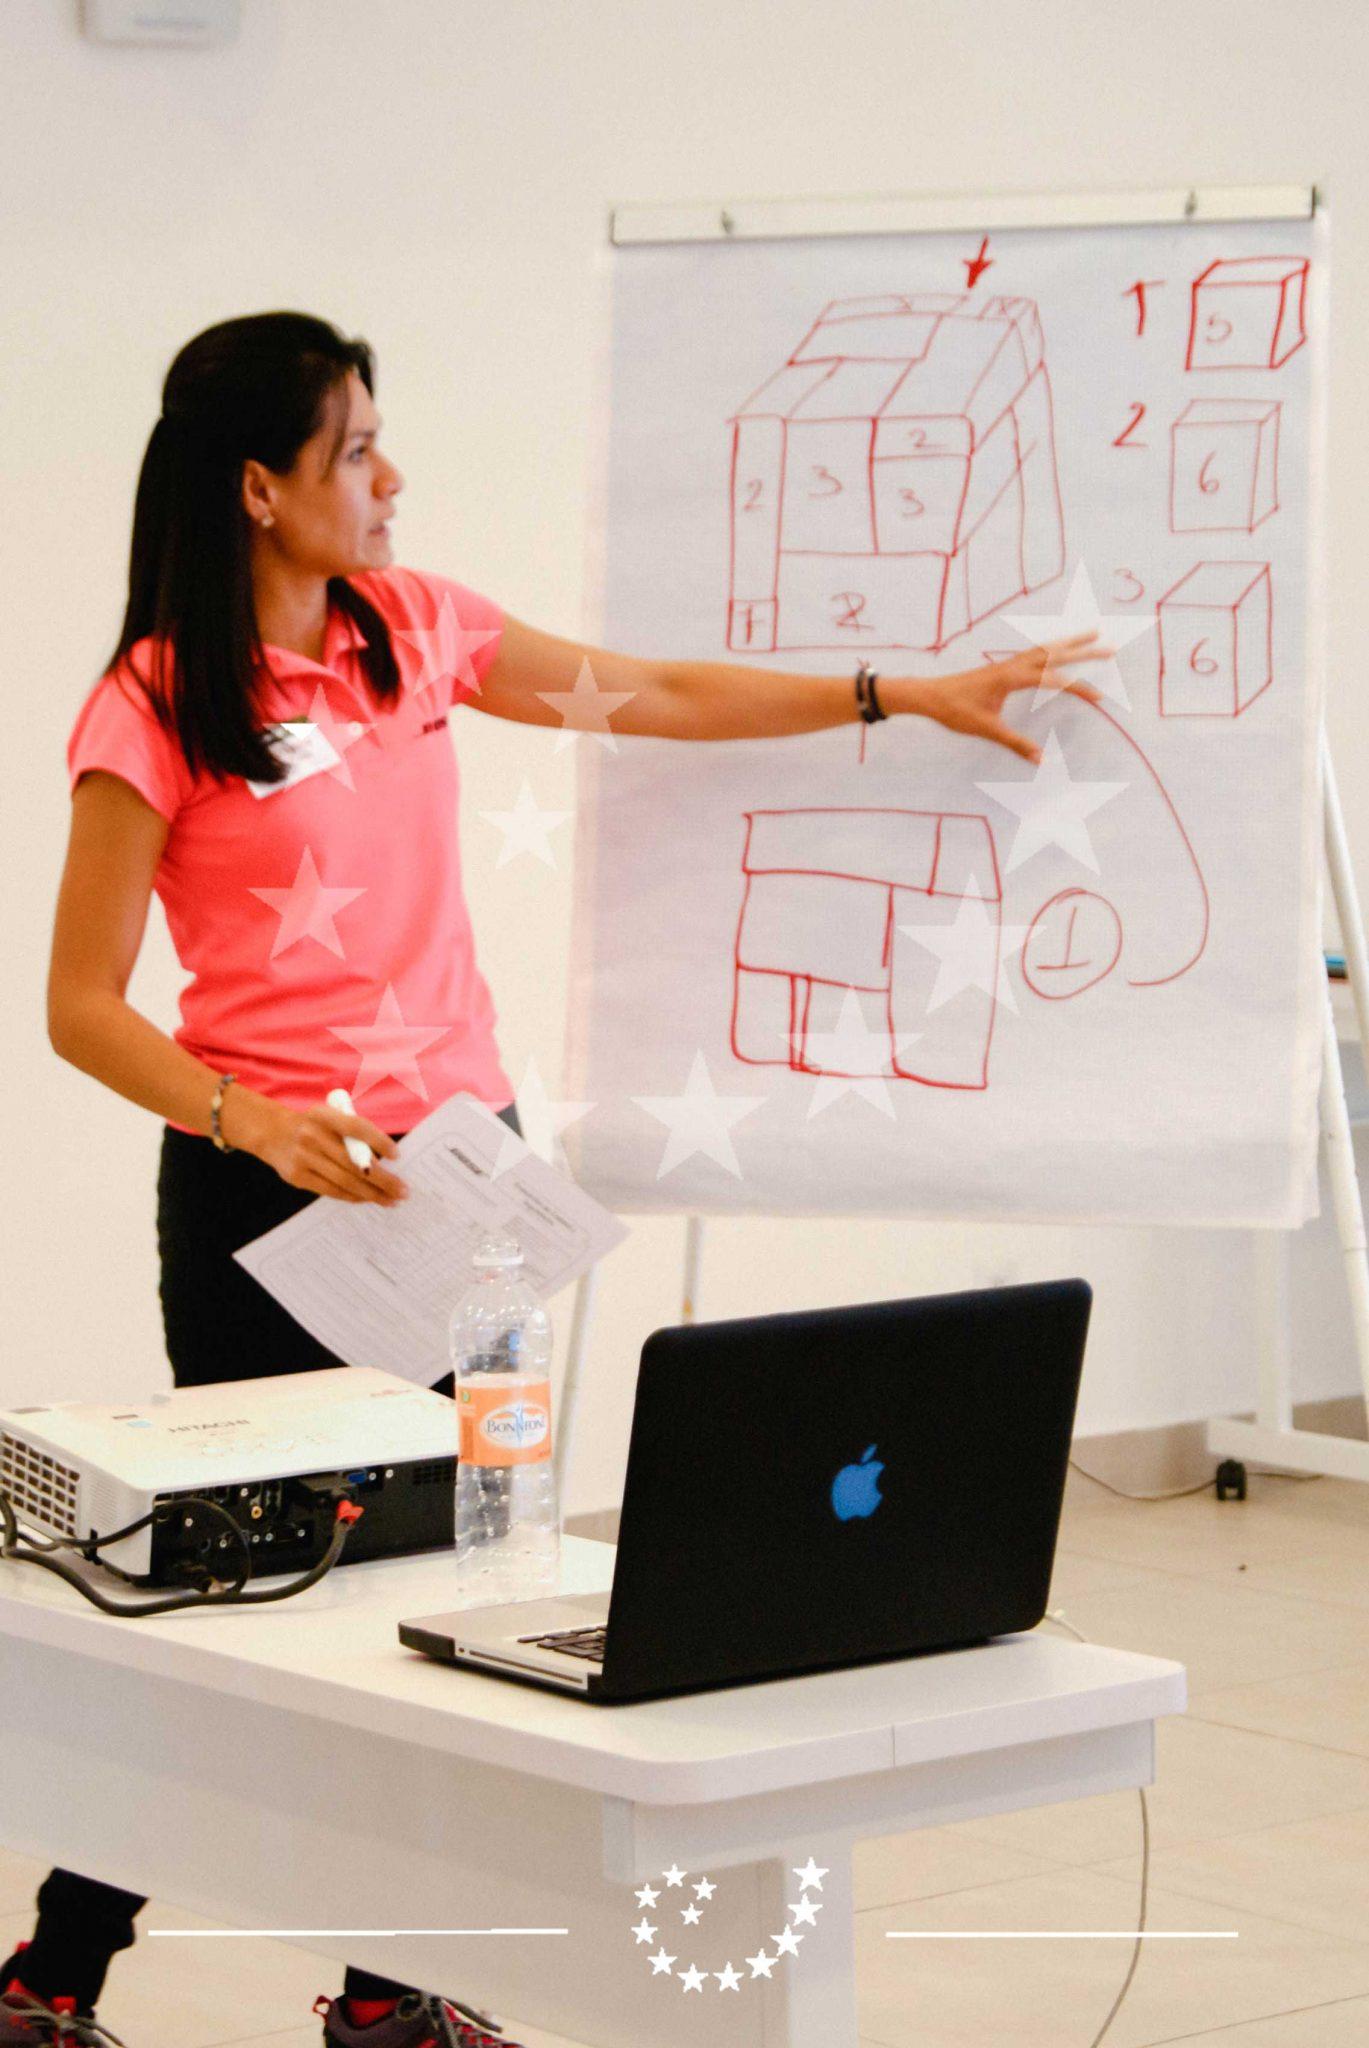 simulacro-de-comunicacion-y-team-building-de-integracion-21